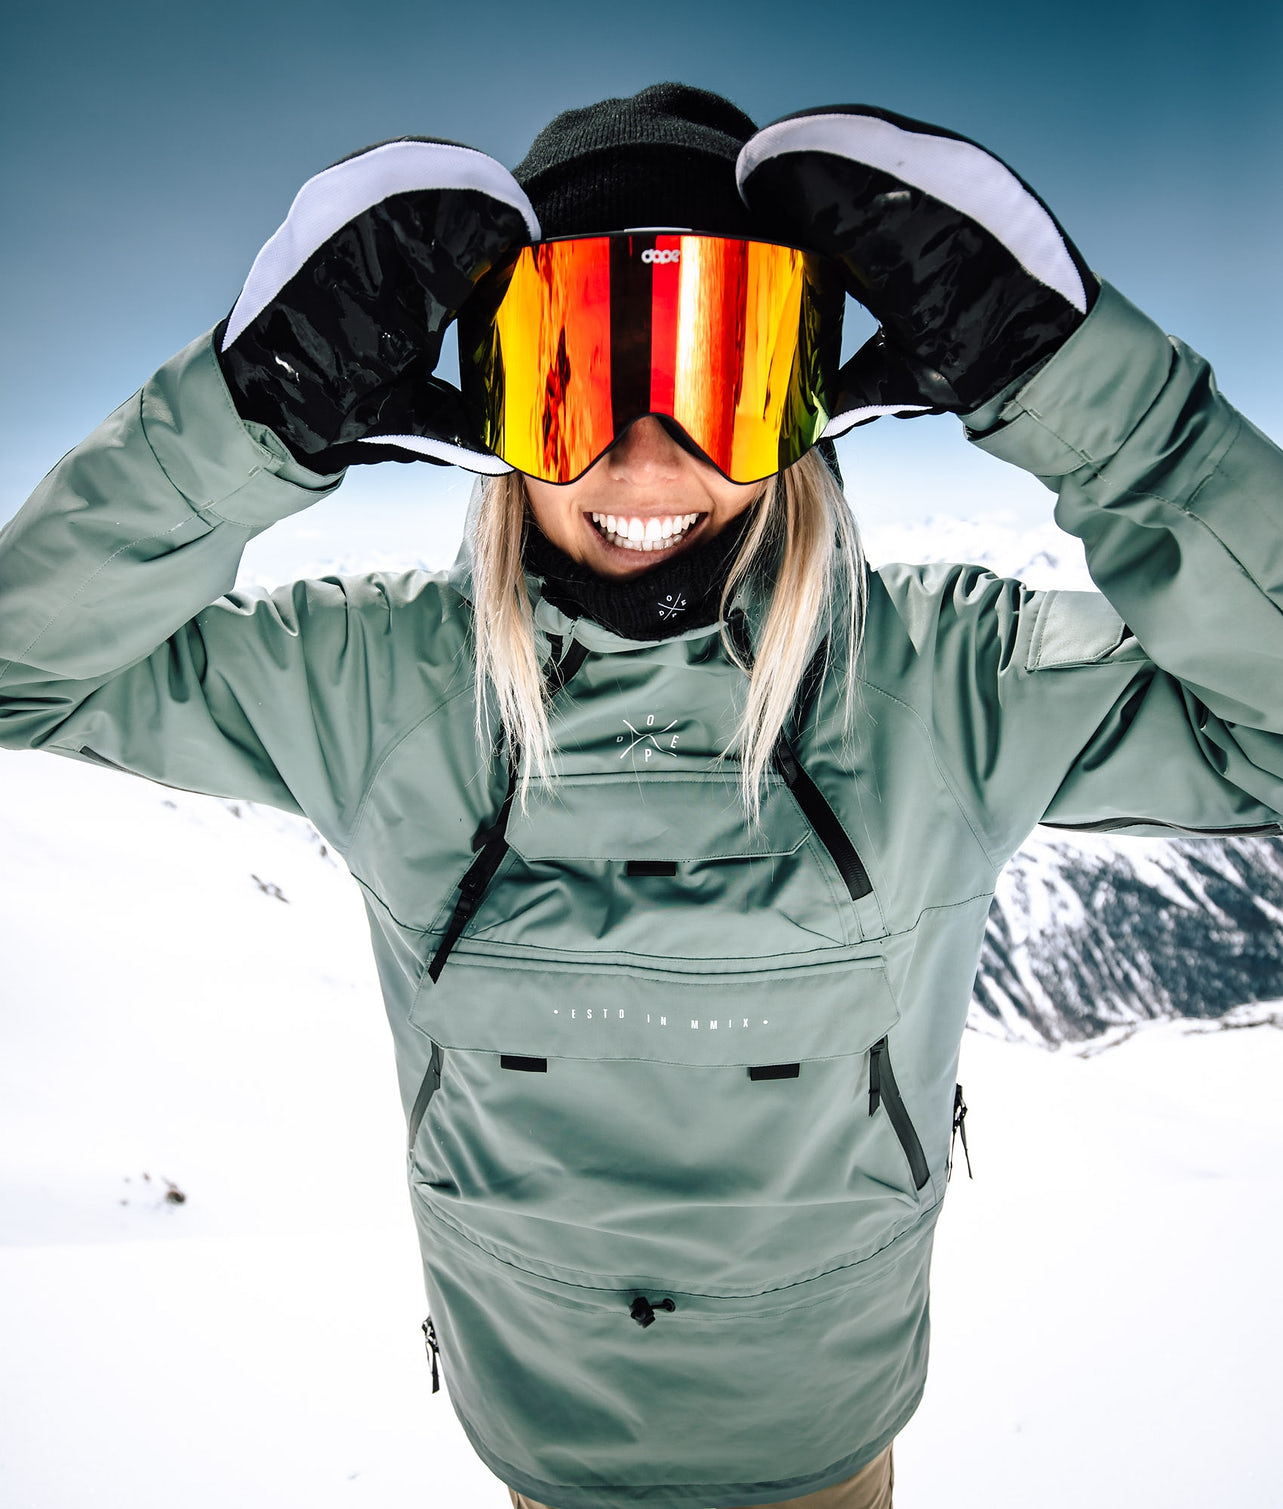 Kjøp Akin W Skijakke fra Dope på Ridestore.no - Hos oss har du alltid fri frakt, fri retur og 30 dagers åpent kjøp!